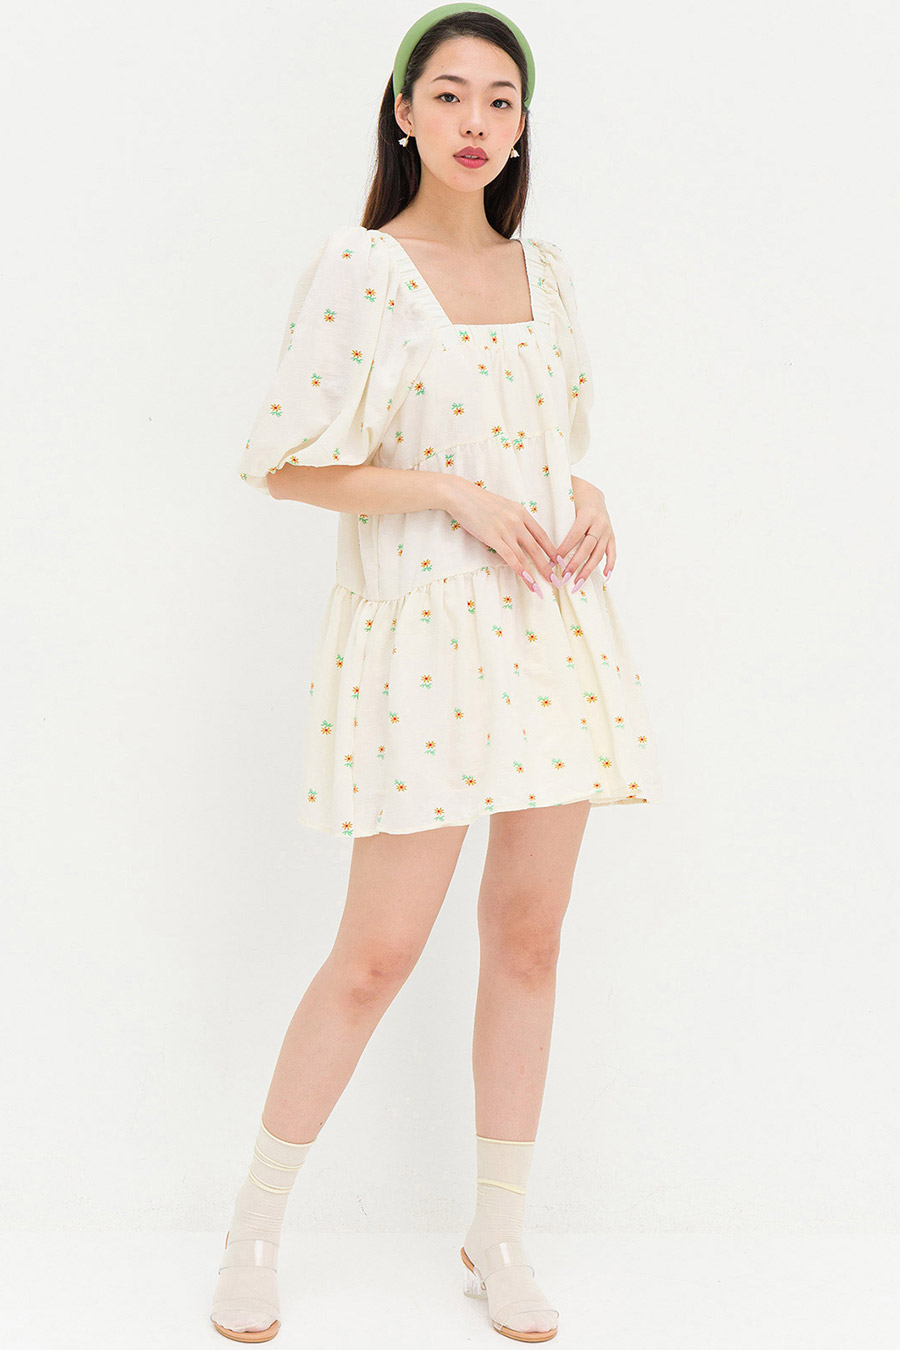 MARIE DRESS - SUNFLOWER